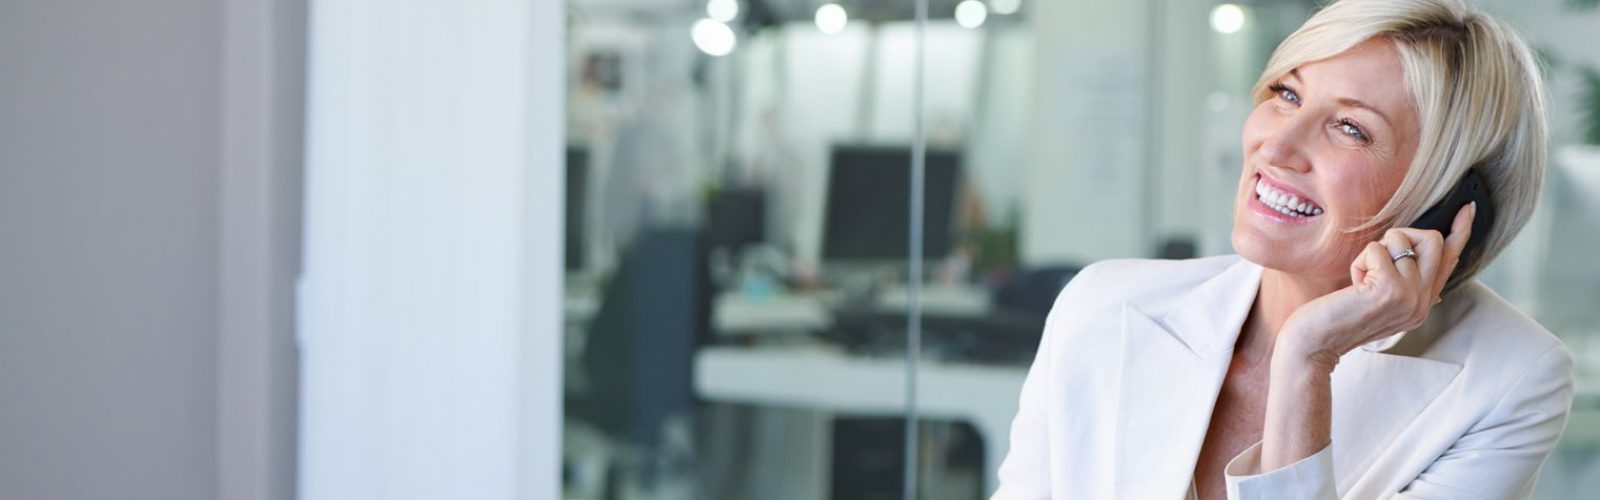 Frau mittleren Alters sitzt im Büro und telefoniert lächelnd.